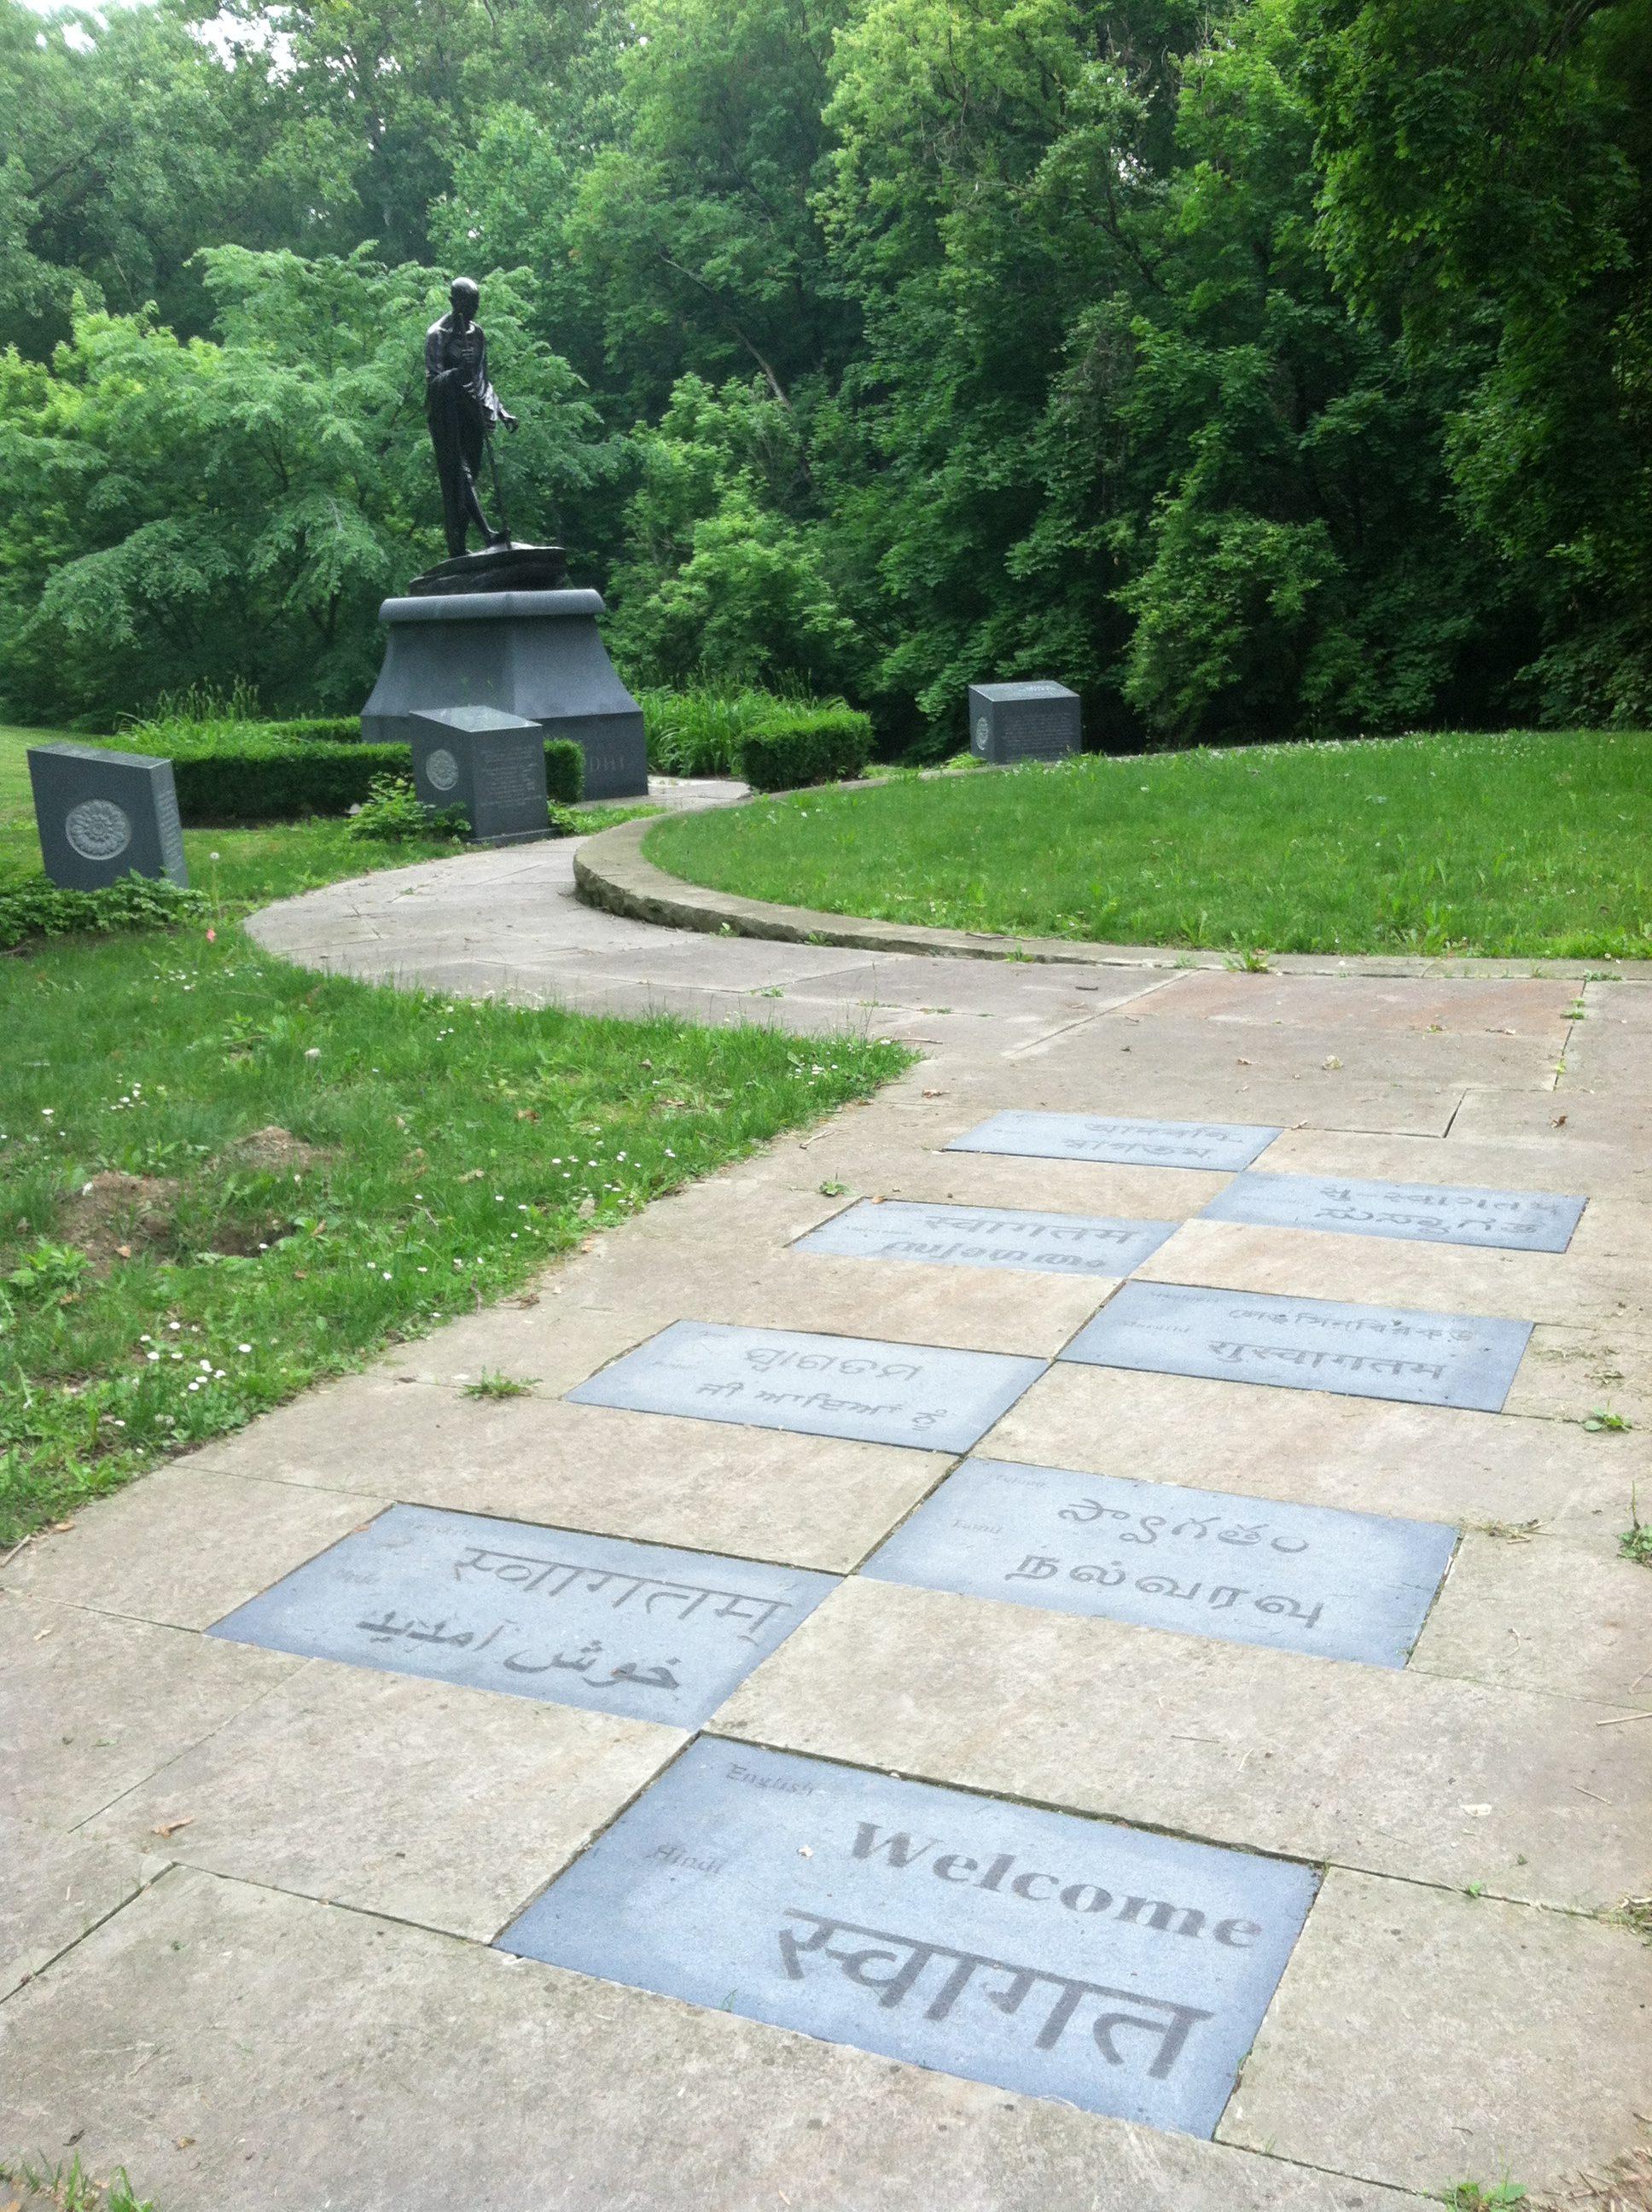 India Cultural Garden A Gem On Mlk Blvd In Rockefeller Park Cleveland